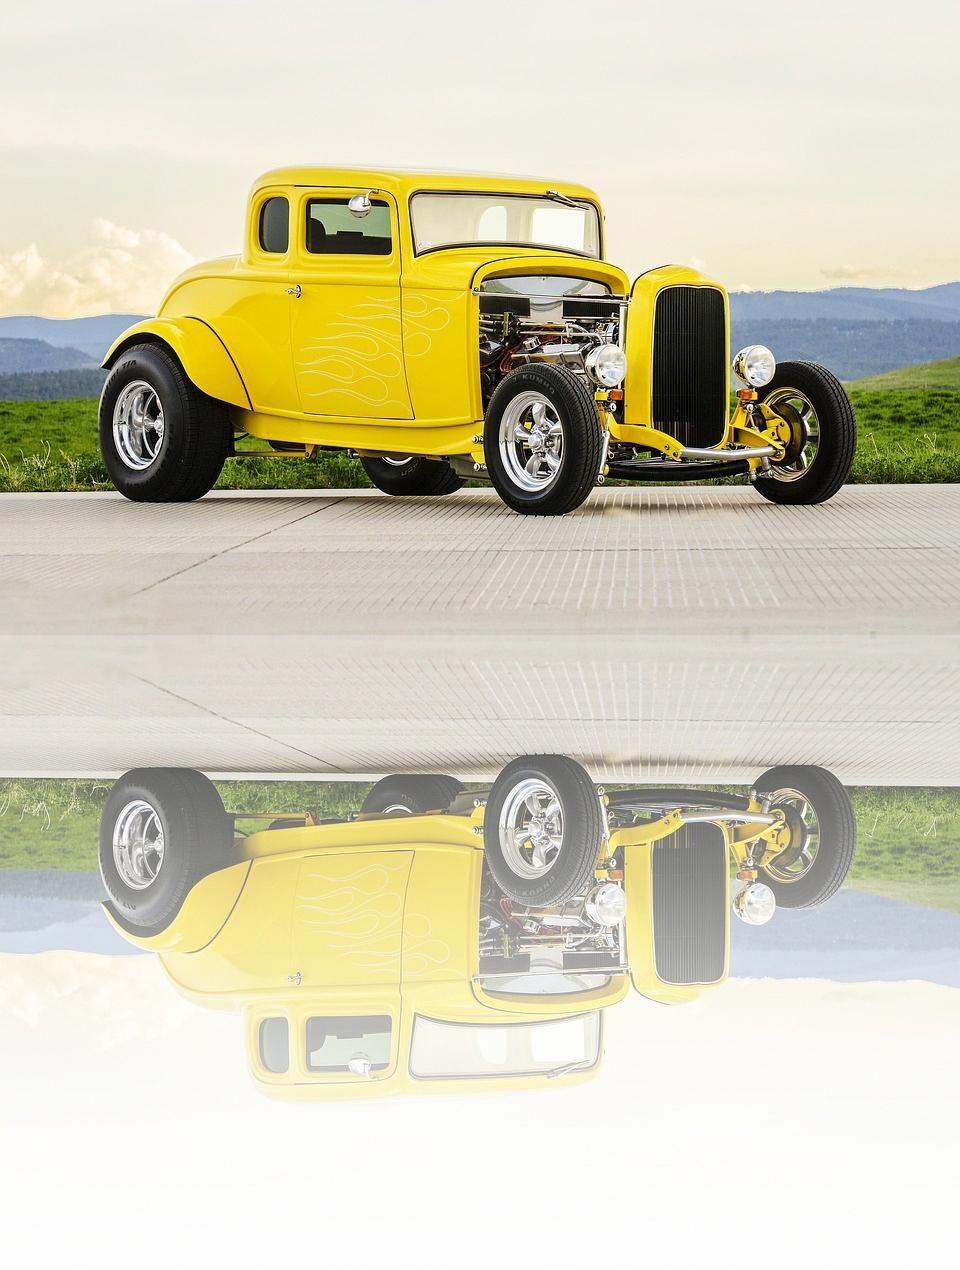 Most recent nada classic cars classicar Classy cars